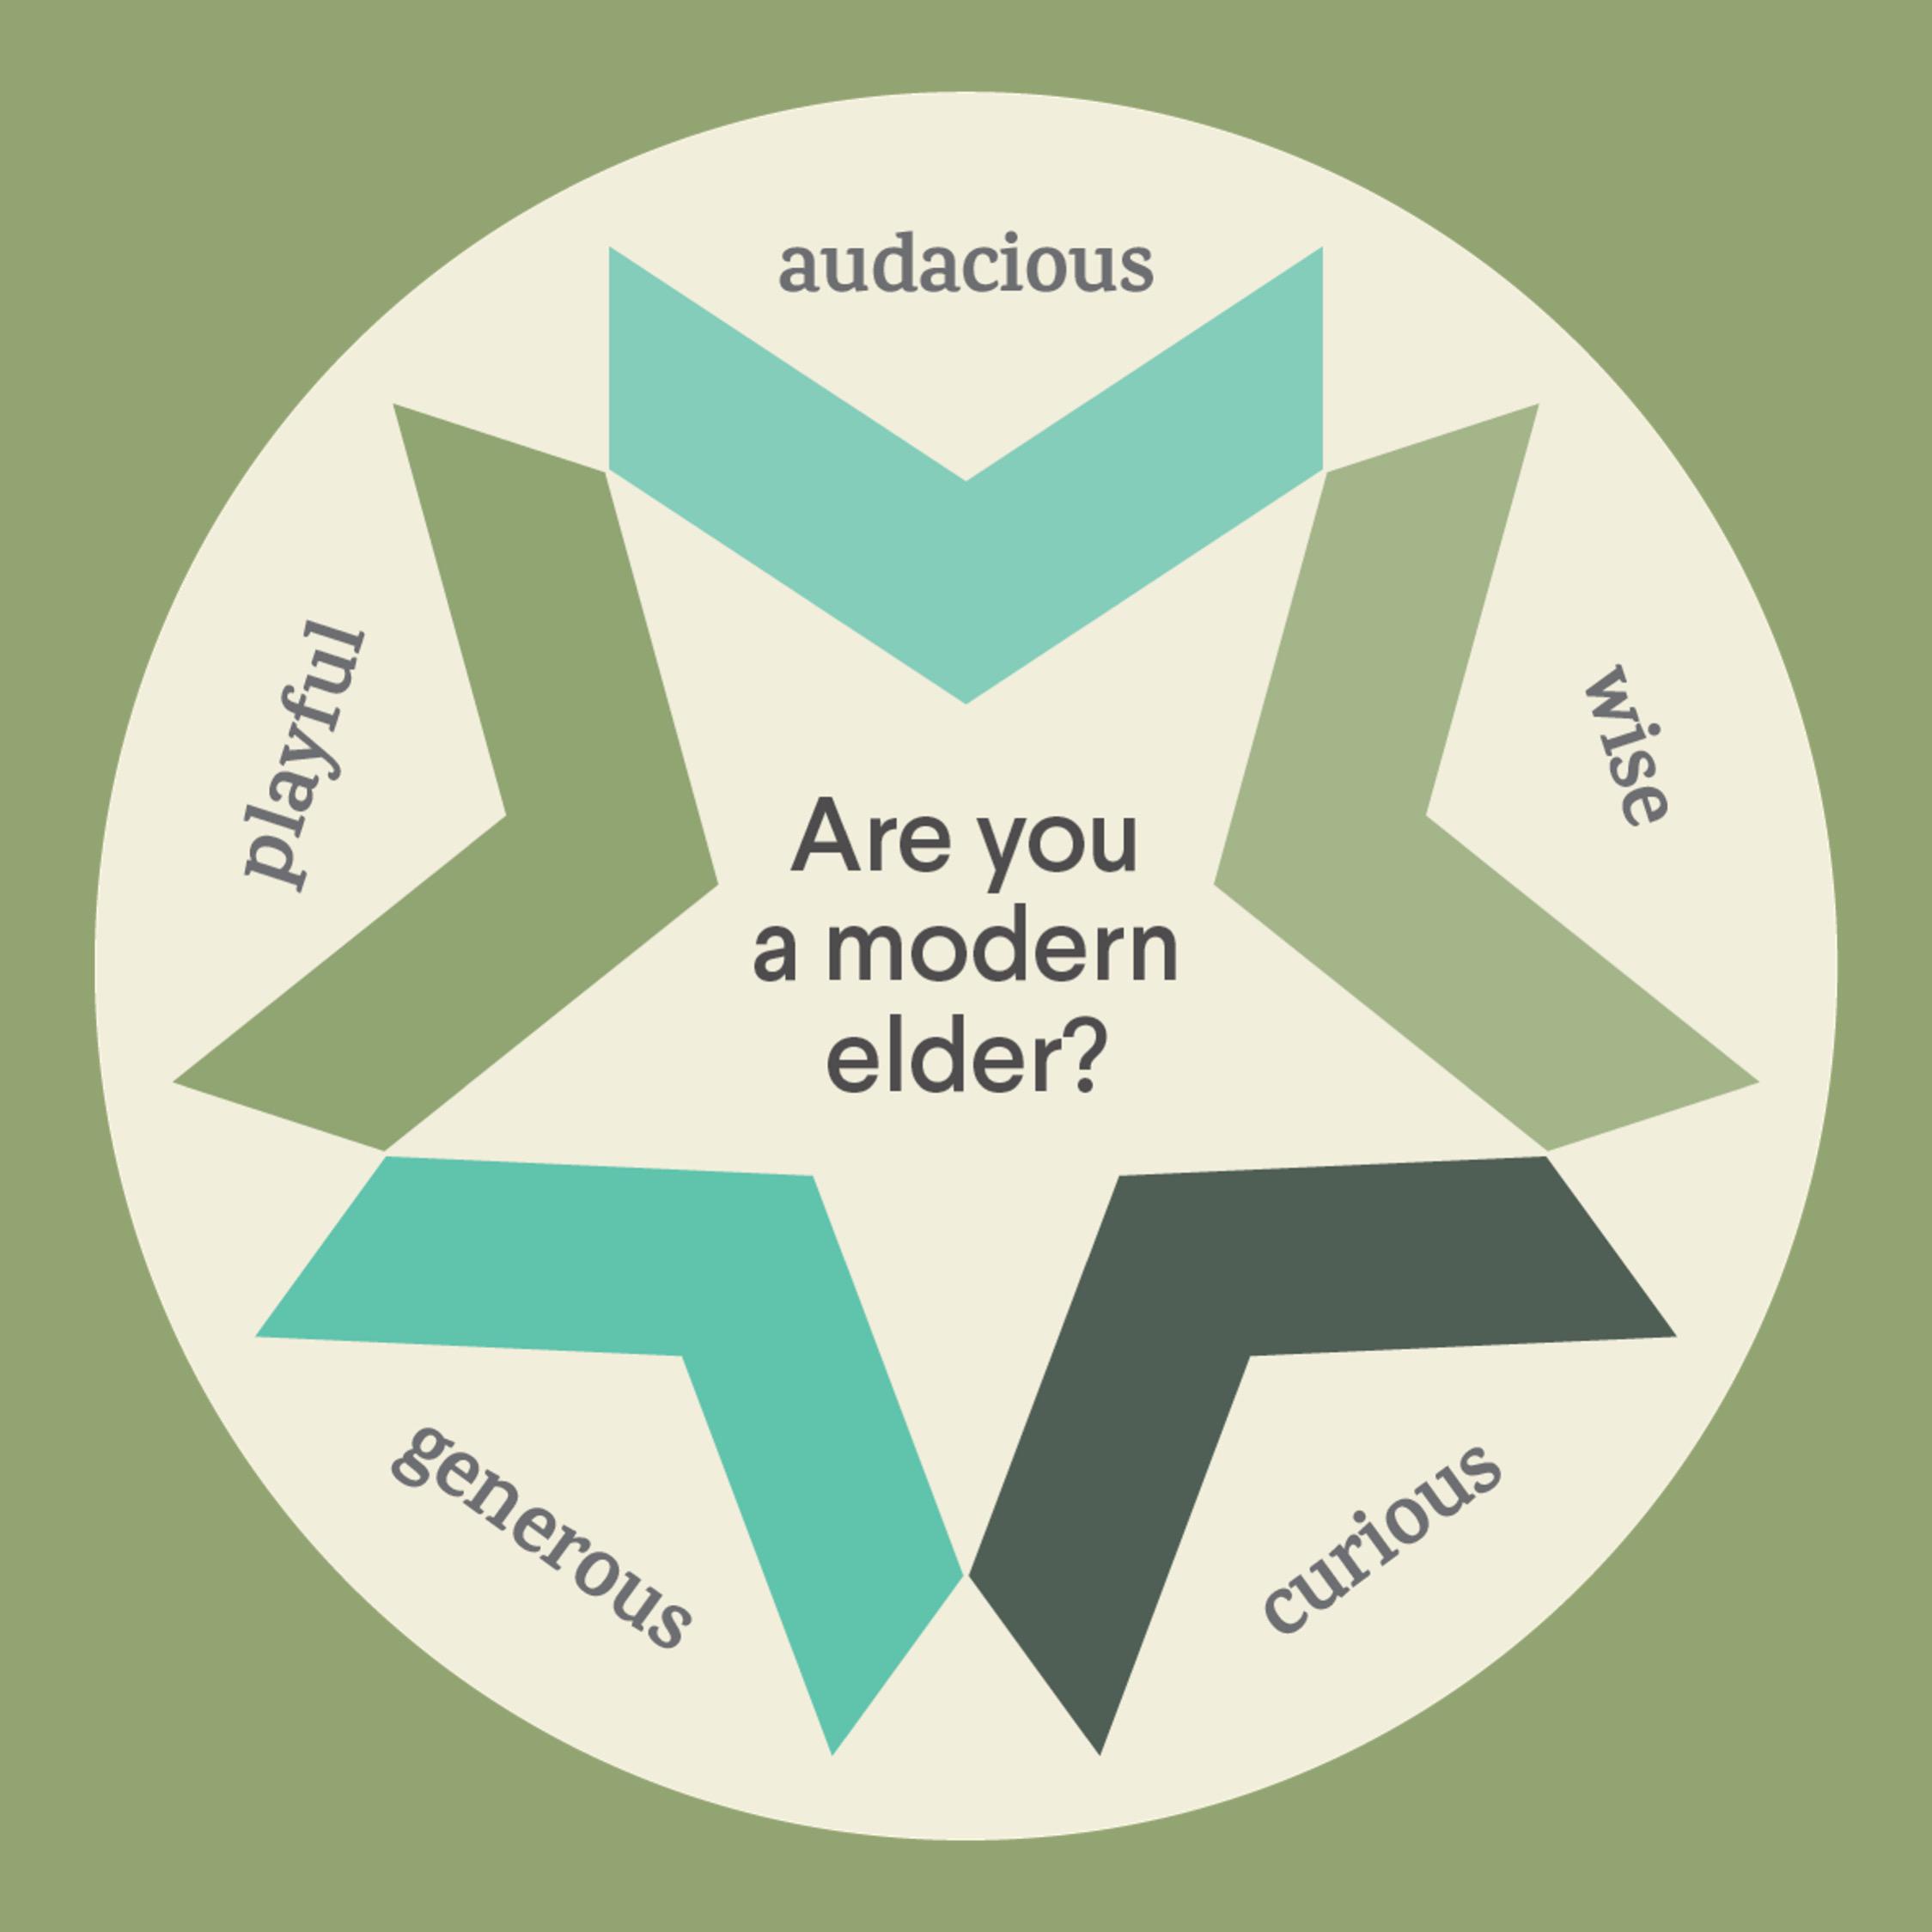 Are you a modern elder? MEAx Australia